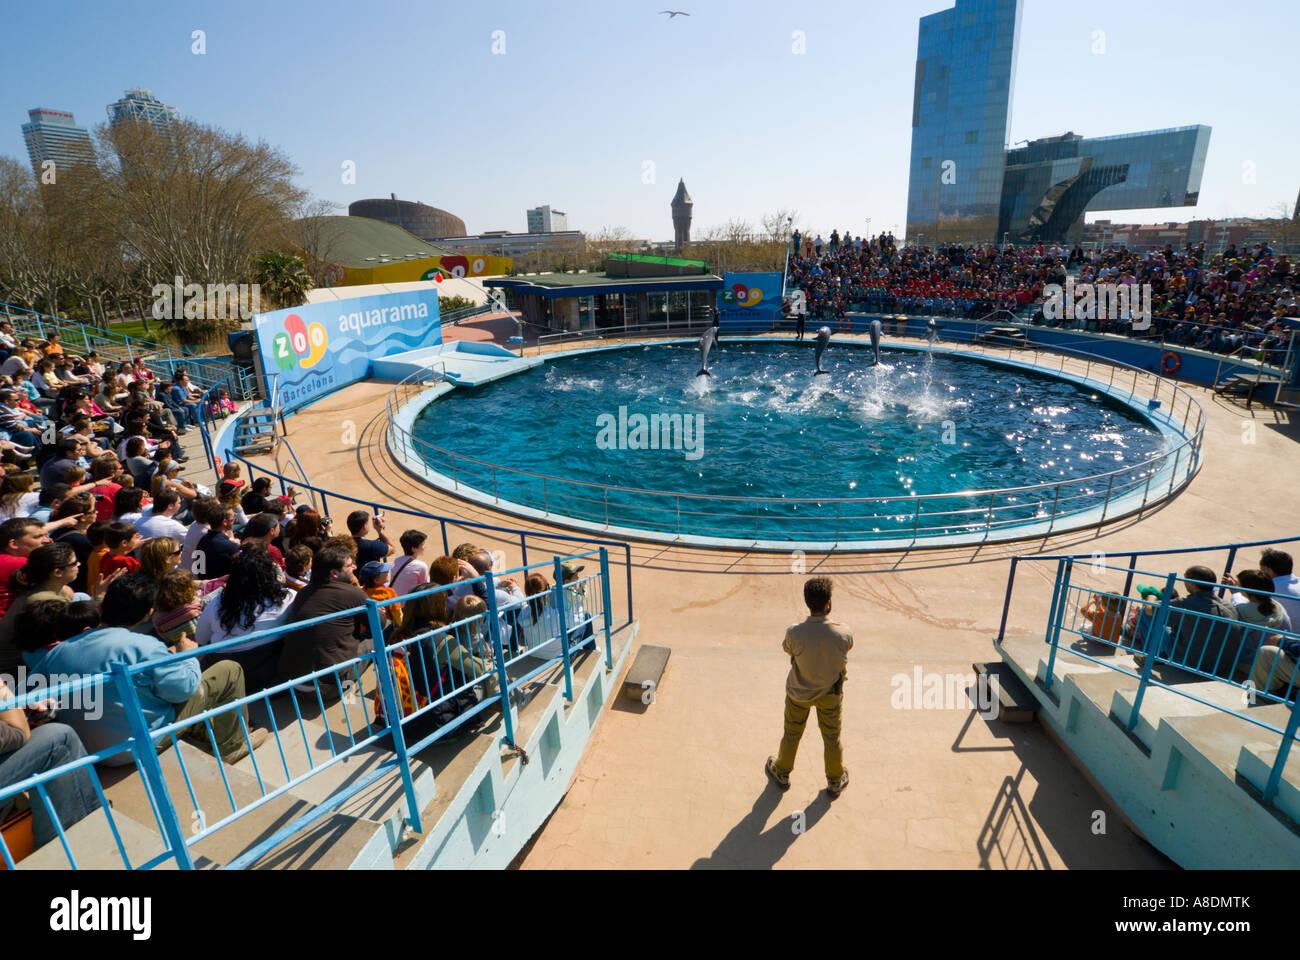 Barcelona Zoo Aquarama Dolphin Show Stock Photo 12071202 Alamy